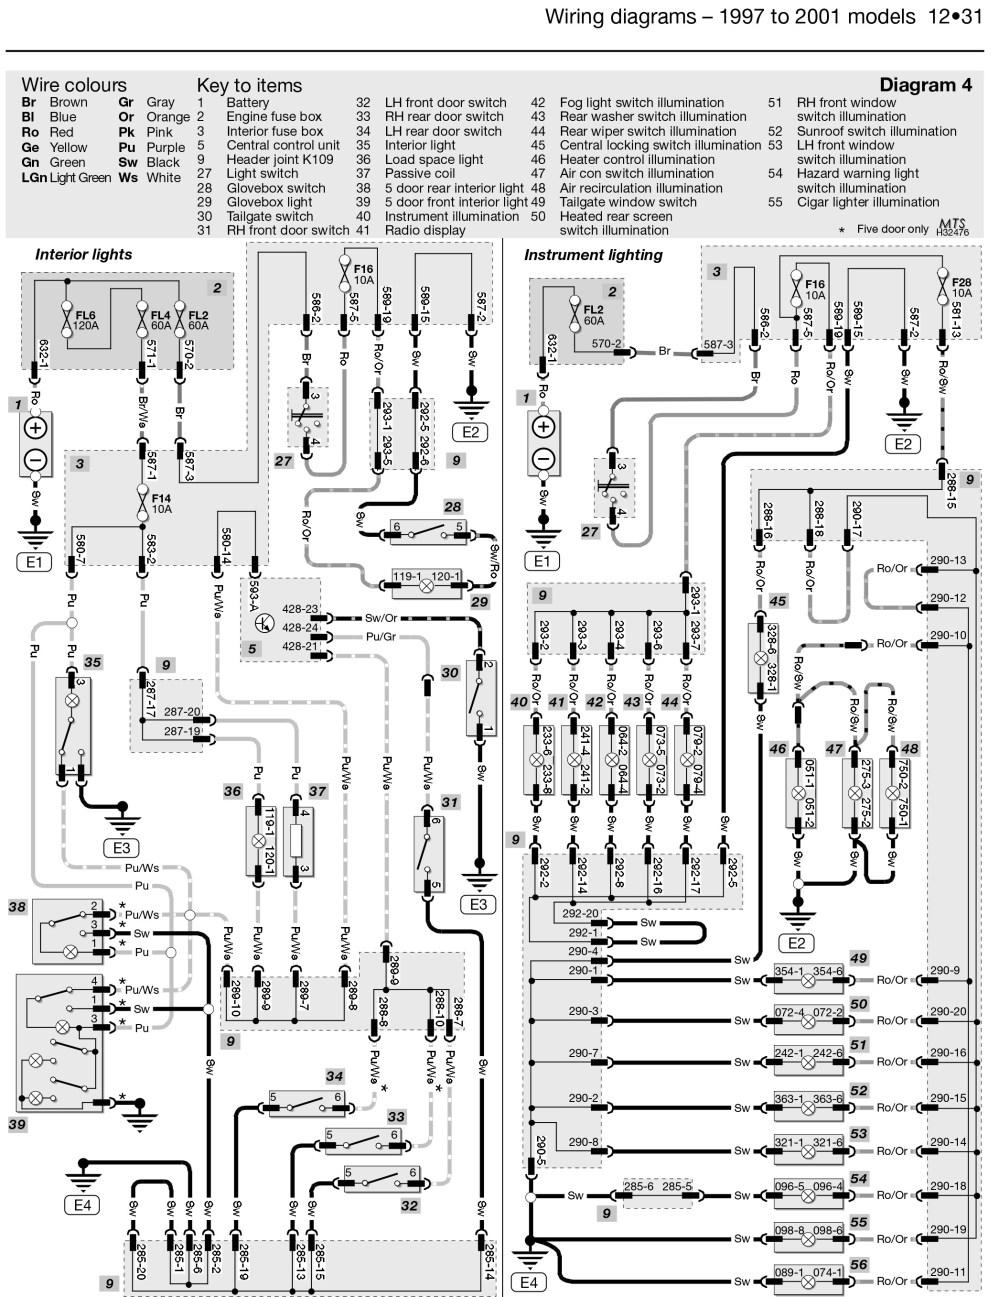 medium resolution of land rover freelander td4 wiring diagram wiring diagram expert wiring diagram land rover freelander freelander 2